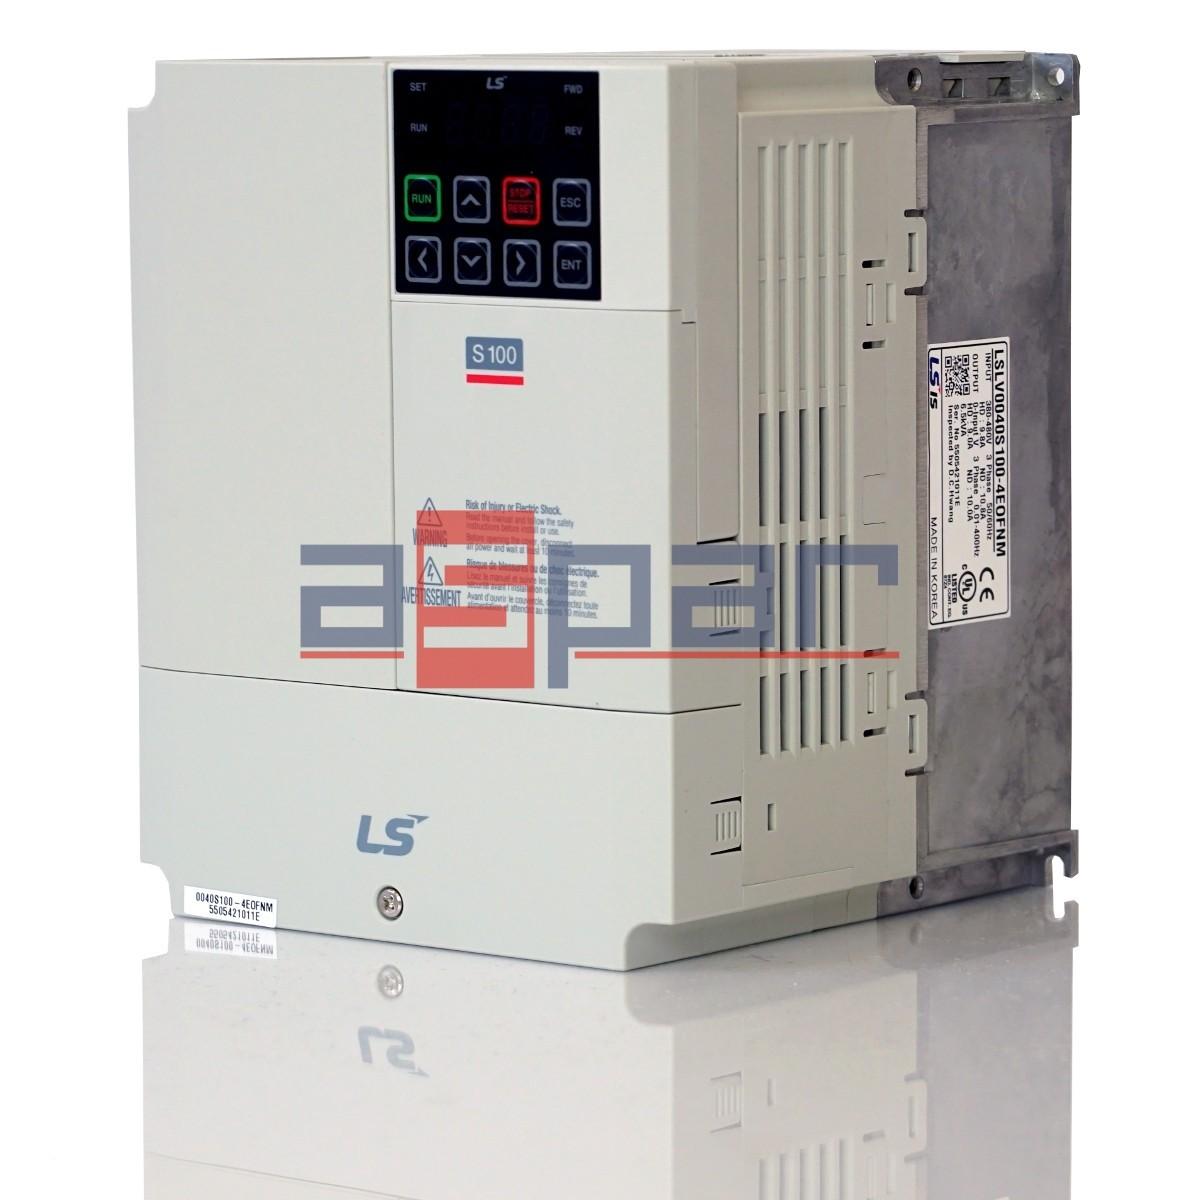 LSLV0040S100-4EOFNM - 4.0kW, 3~